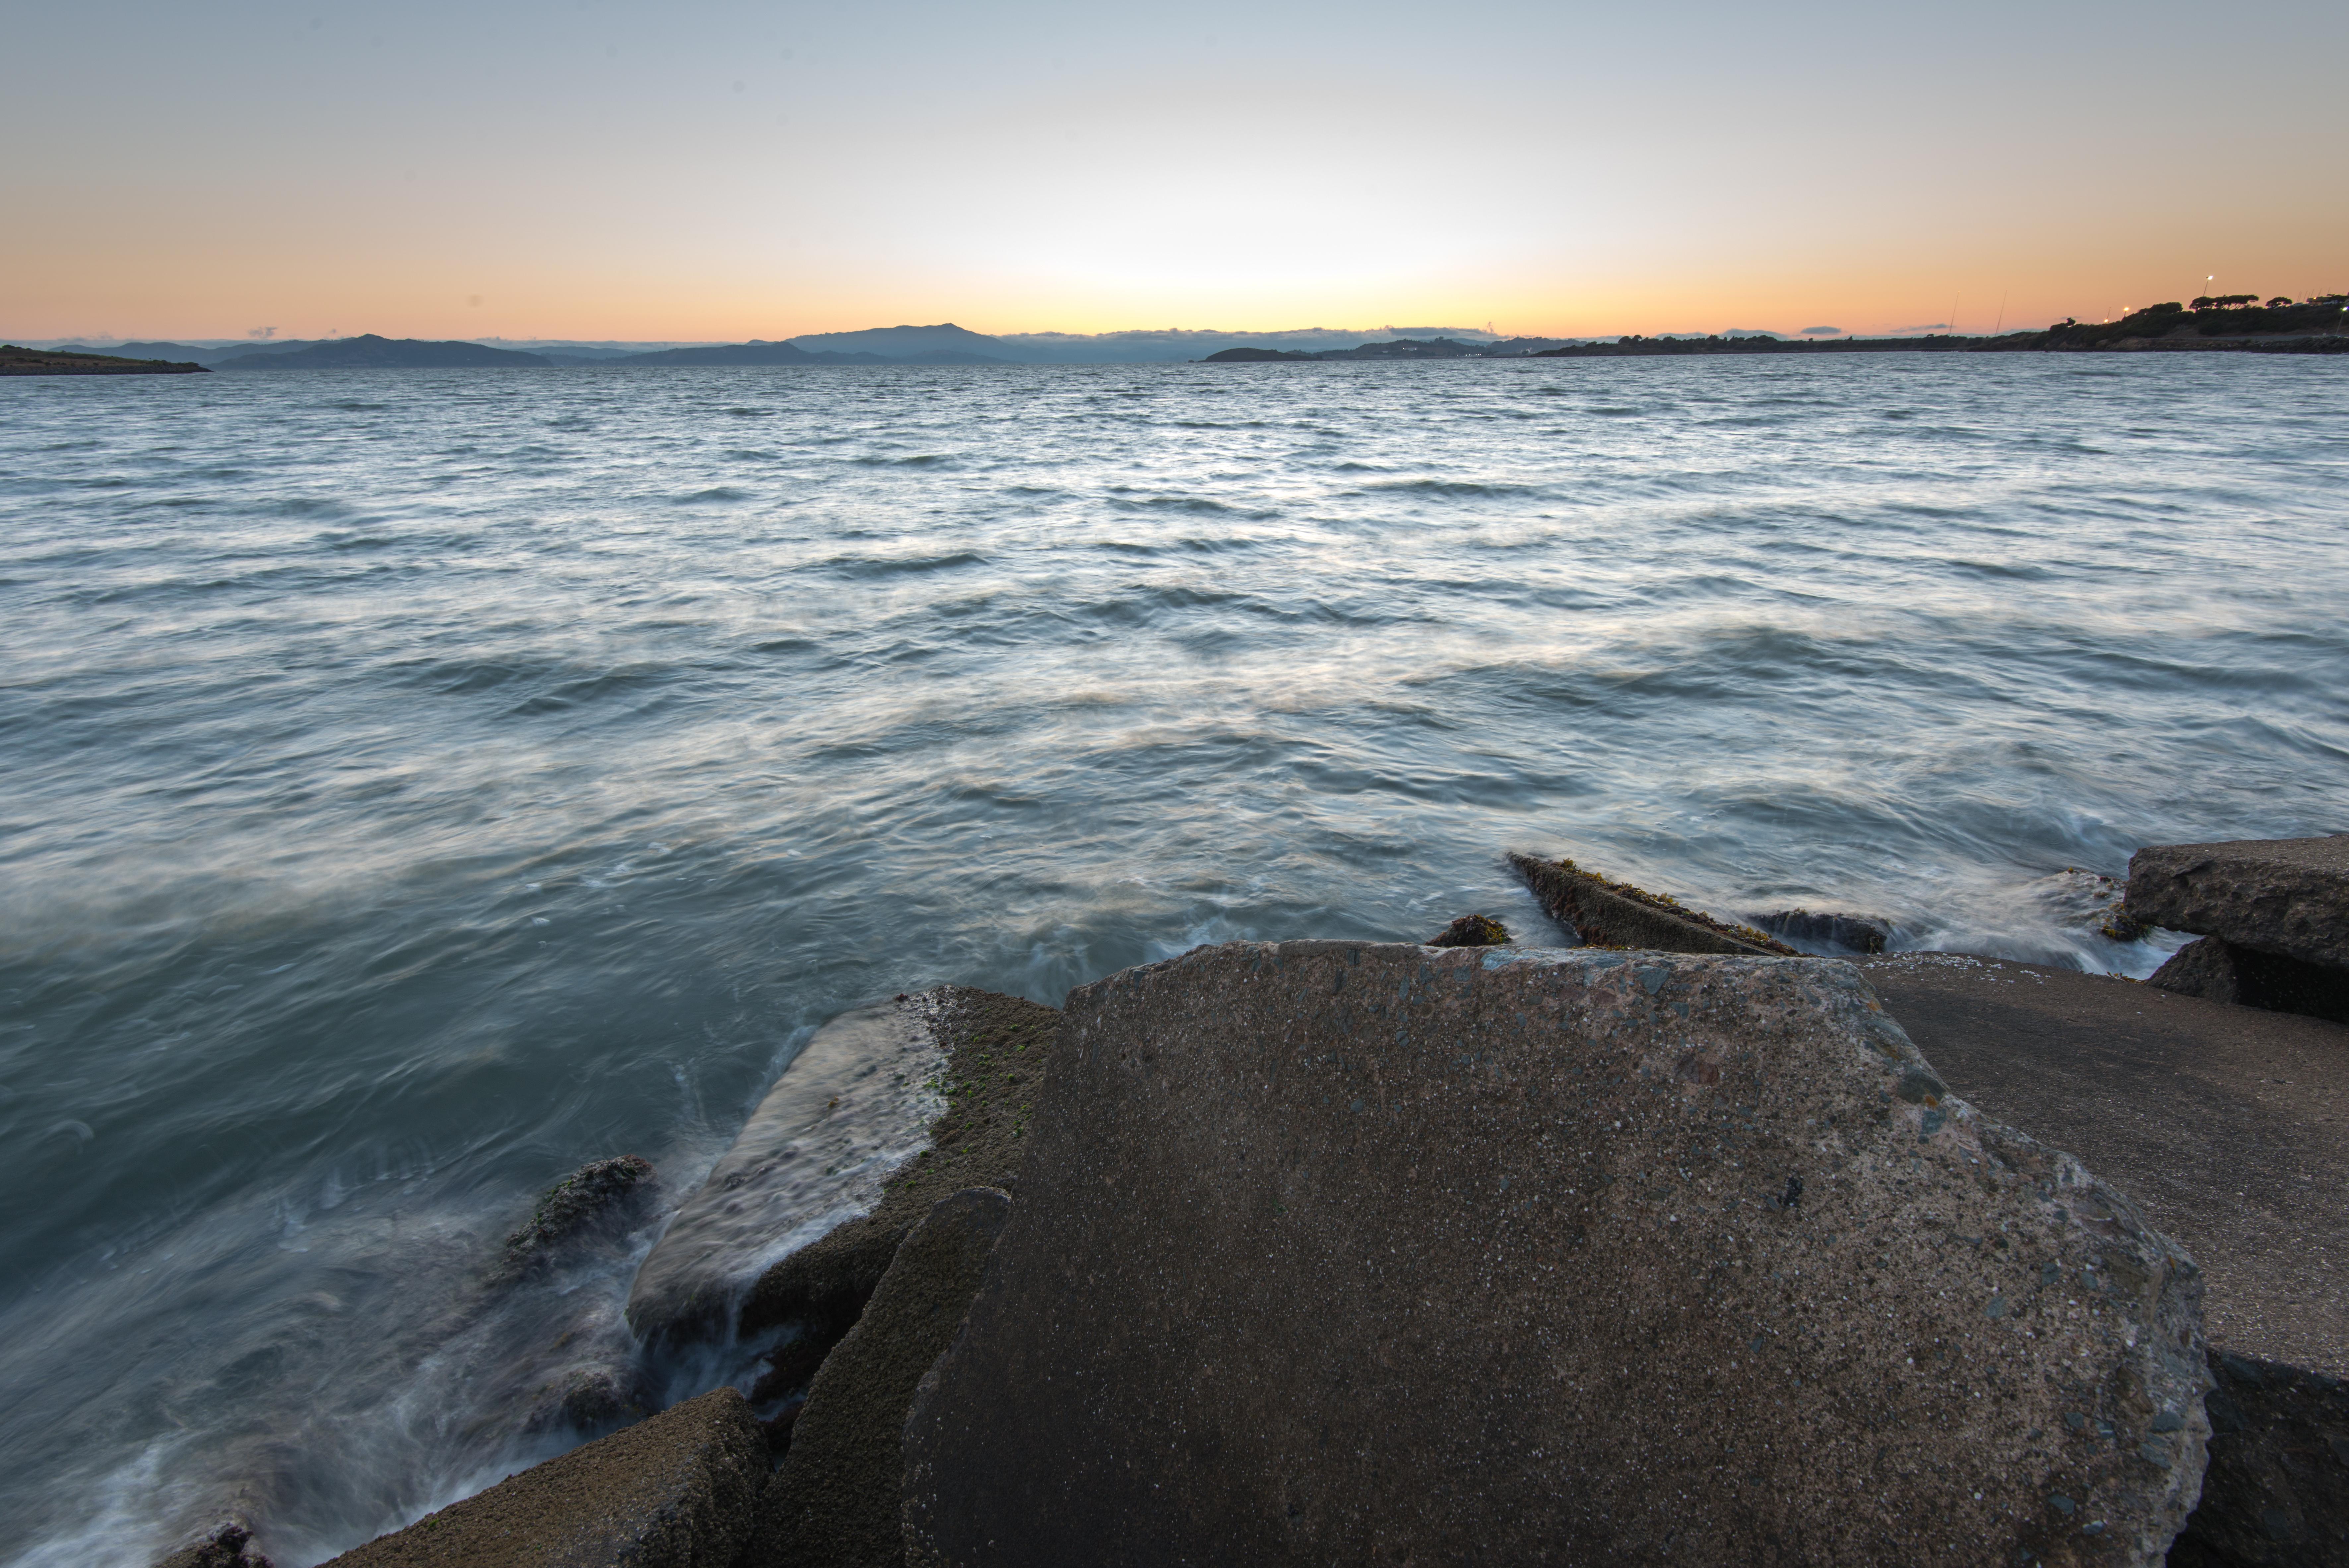 Waves crashing on rocks at bay shore at sunset photo